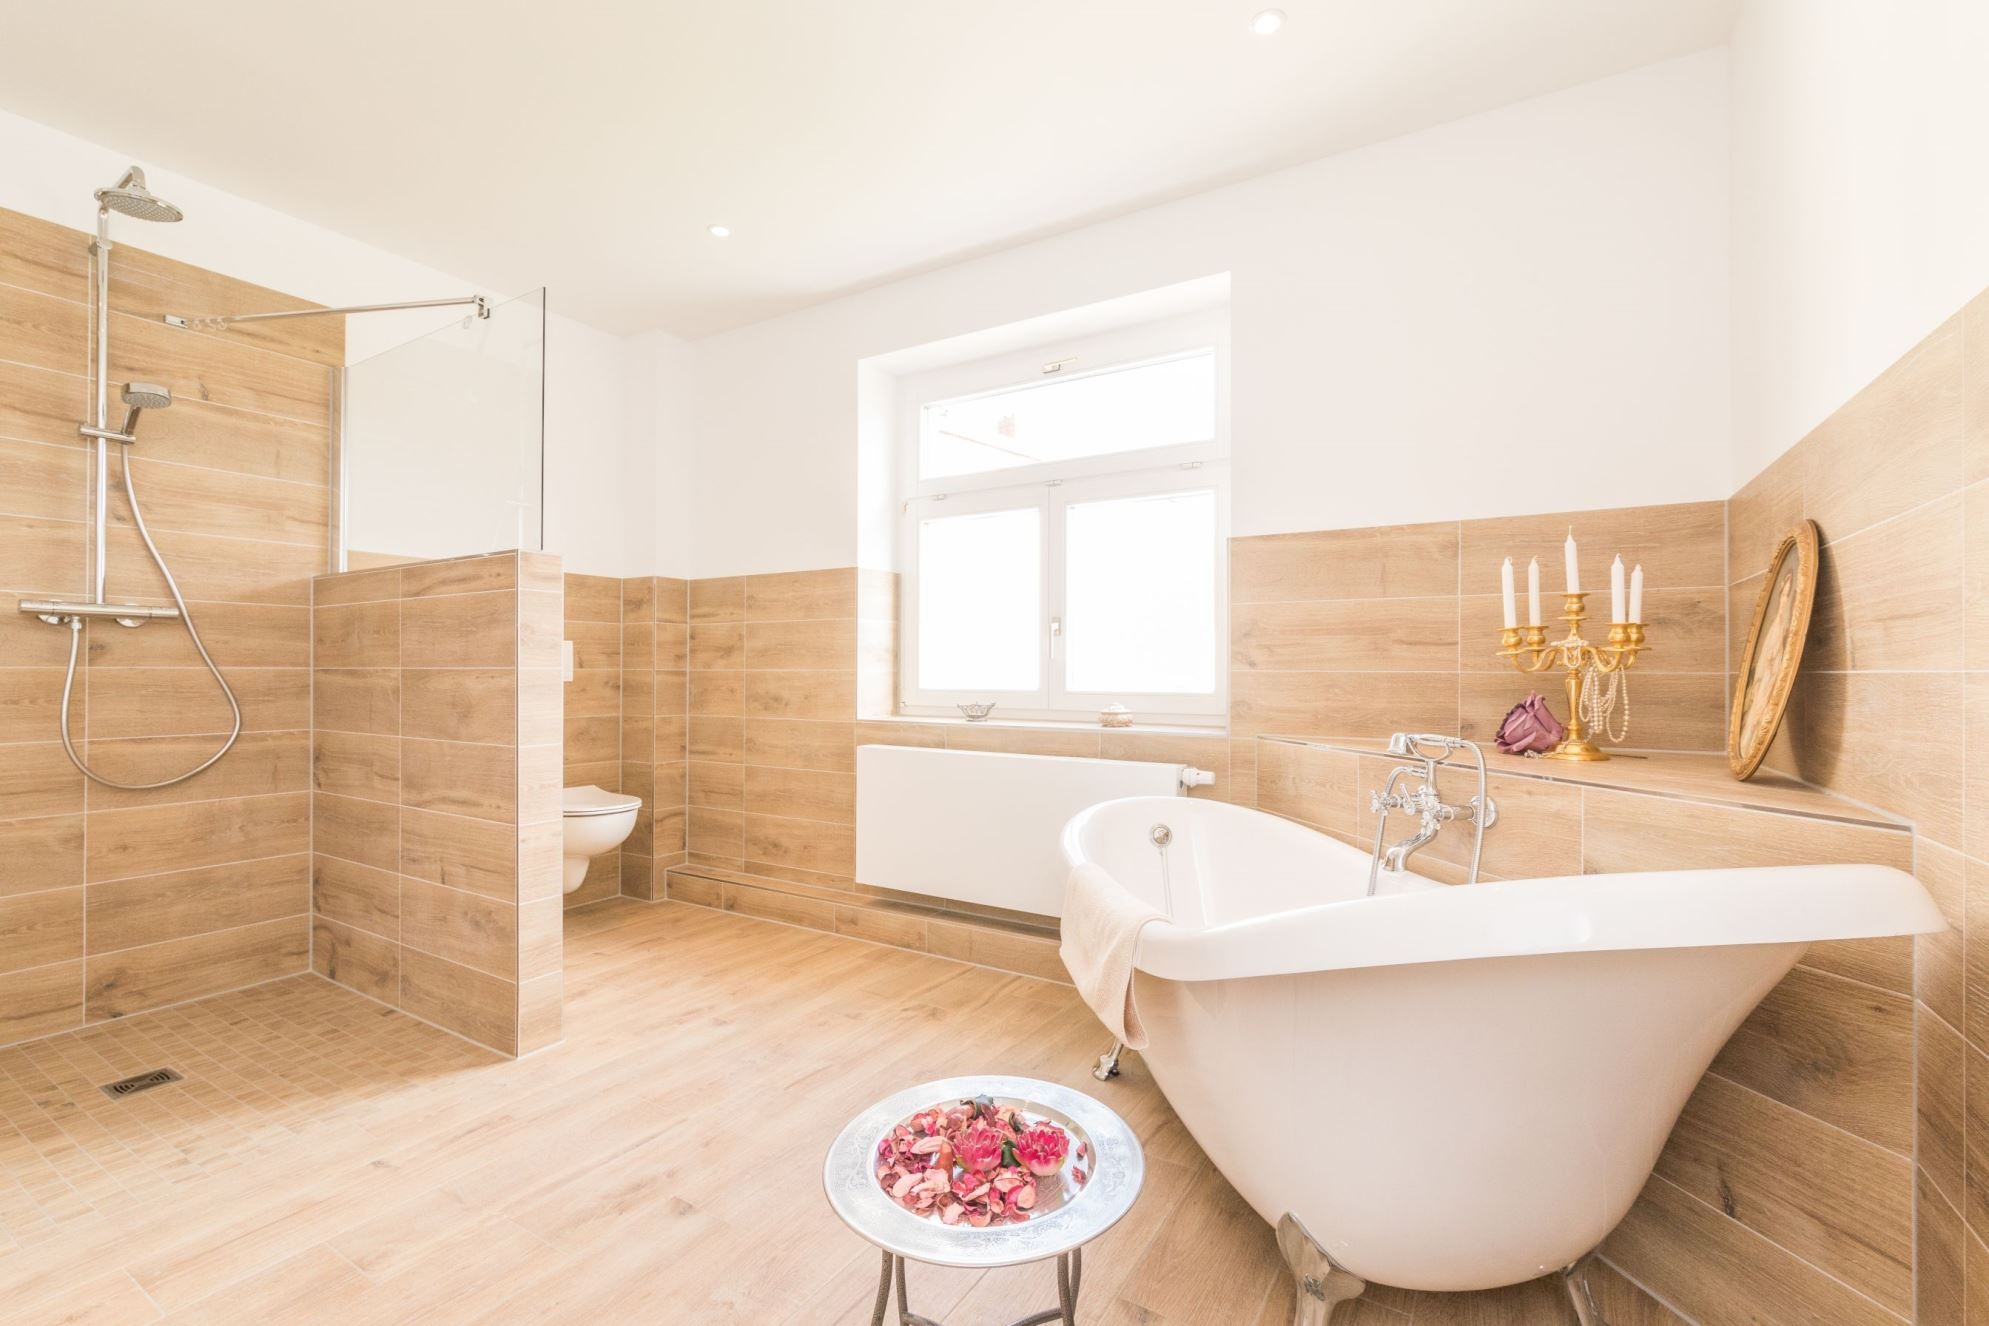 wohnung in chemnitz cawg eg immer besser wohnen. Black Bedroom Furniture Sets. Home Design Ideas